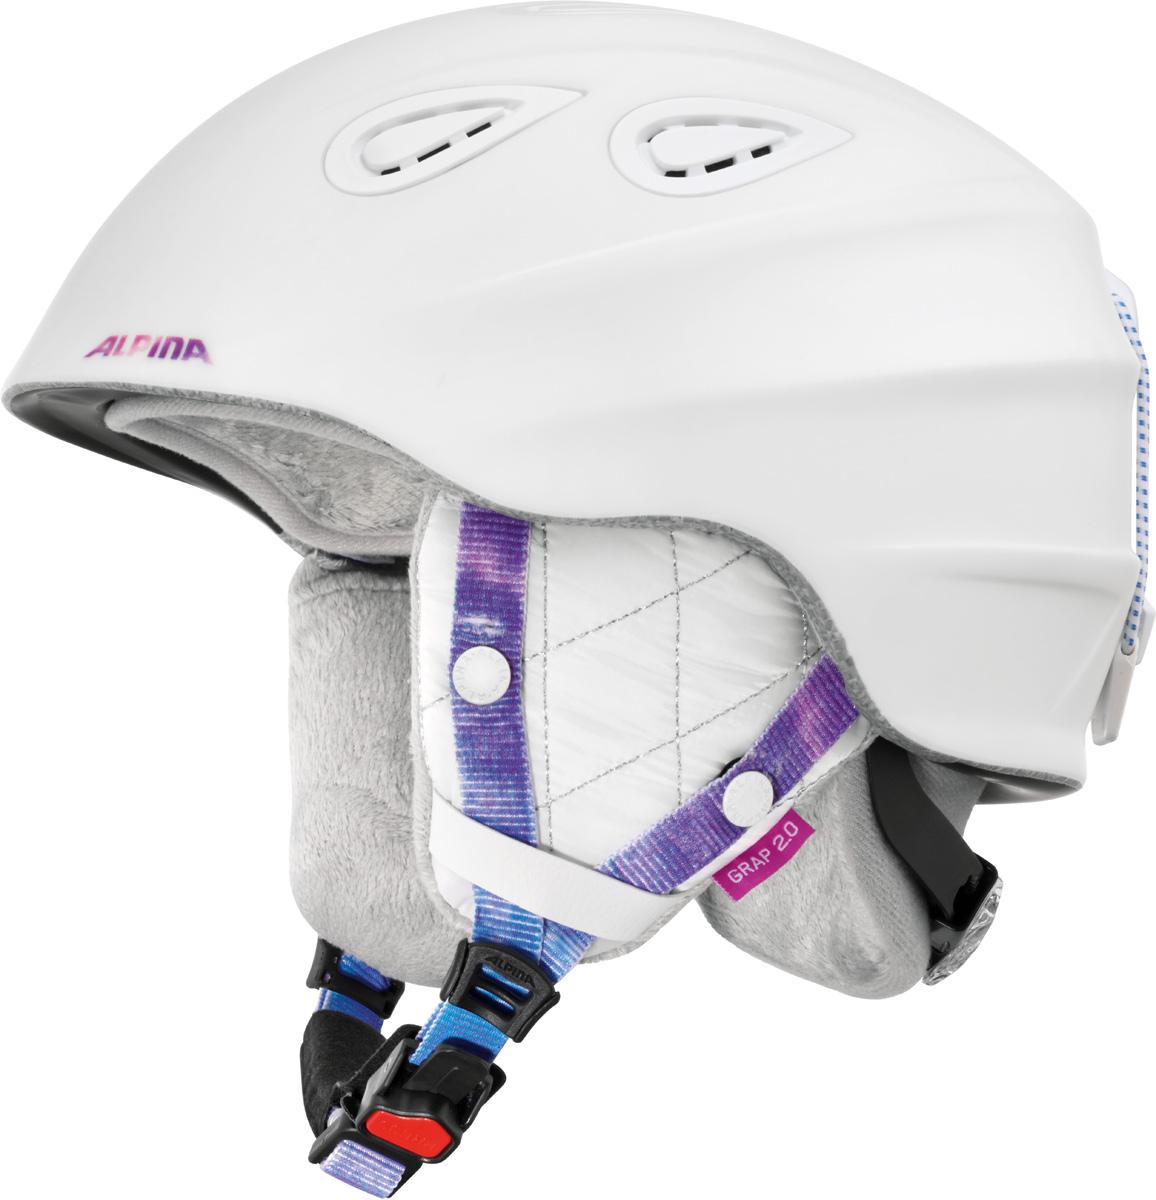 Шлем горнолыжный Alpina Grap 2.0 LE, цвет: белый. A9094_11. Размер 57-61A9094_11Шлем горнолыжный Alpina Grap 2.0 LE - одна из самых популярных моделей в каталоге горнолыжных шлемов Alpina. Надежный, многоцелевой шлем для широкого круга райдеров. L.E. - Limited Edition - ограниченная серия шлемов, выполненная в уникальной расцветке. Интенсивность воздушного потока можно регулировать. Вентиляционные отверстия шлема могут быть открыты и закрыты раздвижным механизмом. Съемные ушки-амбушюры можно снять за секунду и сложить в карман лыжной куртки. Если вы наслаждаетесь катанием в начале апреля, такая возможность должна вас порадовать. А когда температура снова упадет - щелк и вкладыш снова на месте. Внутренник шлема легко вынимается, стирается, сушится и вставляется обратно. Прочная и легкая конструкция In-mold. Тонкая и прочная поликарбонатная оболочка под воздействием высокой температуры и давления буквально сплавляется с гранулами EPS, которые гасят ударную нагрузку. Внутренняя оболочка каждого шлема Alpina состоит из гранул HI-EPS (сильно вспененного полистирола). Микроскопические воздушные карманы эффективно поглощают ударную нагрузку и обеспечивают высокую теплоизоляцию. Эта технология позволяет достичь минимальной толщины оболочки. А так как гранулы HI-EPS не впитывают влагу, их защитный эффект не ослабевает со временем. Из задней части шлема можно достать шейный утеплитель из мягкого микро-флиса. Этот теплый воротник также защищает шею от ударов на высокой скорости и при сибирских морозах. В удобной конструкции отсутствуют точки давления на шею. Вместо фастекса на ремешке используется красная кнопка с автоматическим запирающим механизмом, которую легко использовать даже в лыжных перчатках. Механизм защищен от произвольного раскрытия при падении. Ручка регулировки Run System Classic в задней части шлема позволяет за мгновение комфортно усадить шлем на затылке. Y-образный ремнераспределитель двух ремешков находится под ухом и обеспечивает быструю и точную посадку шл